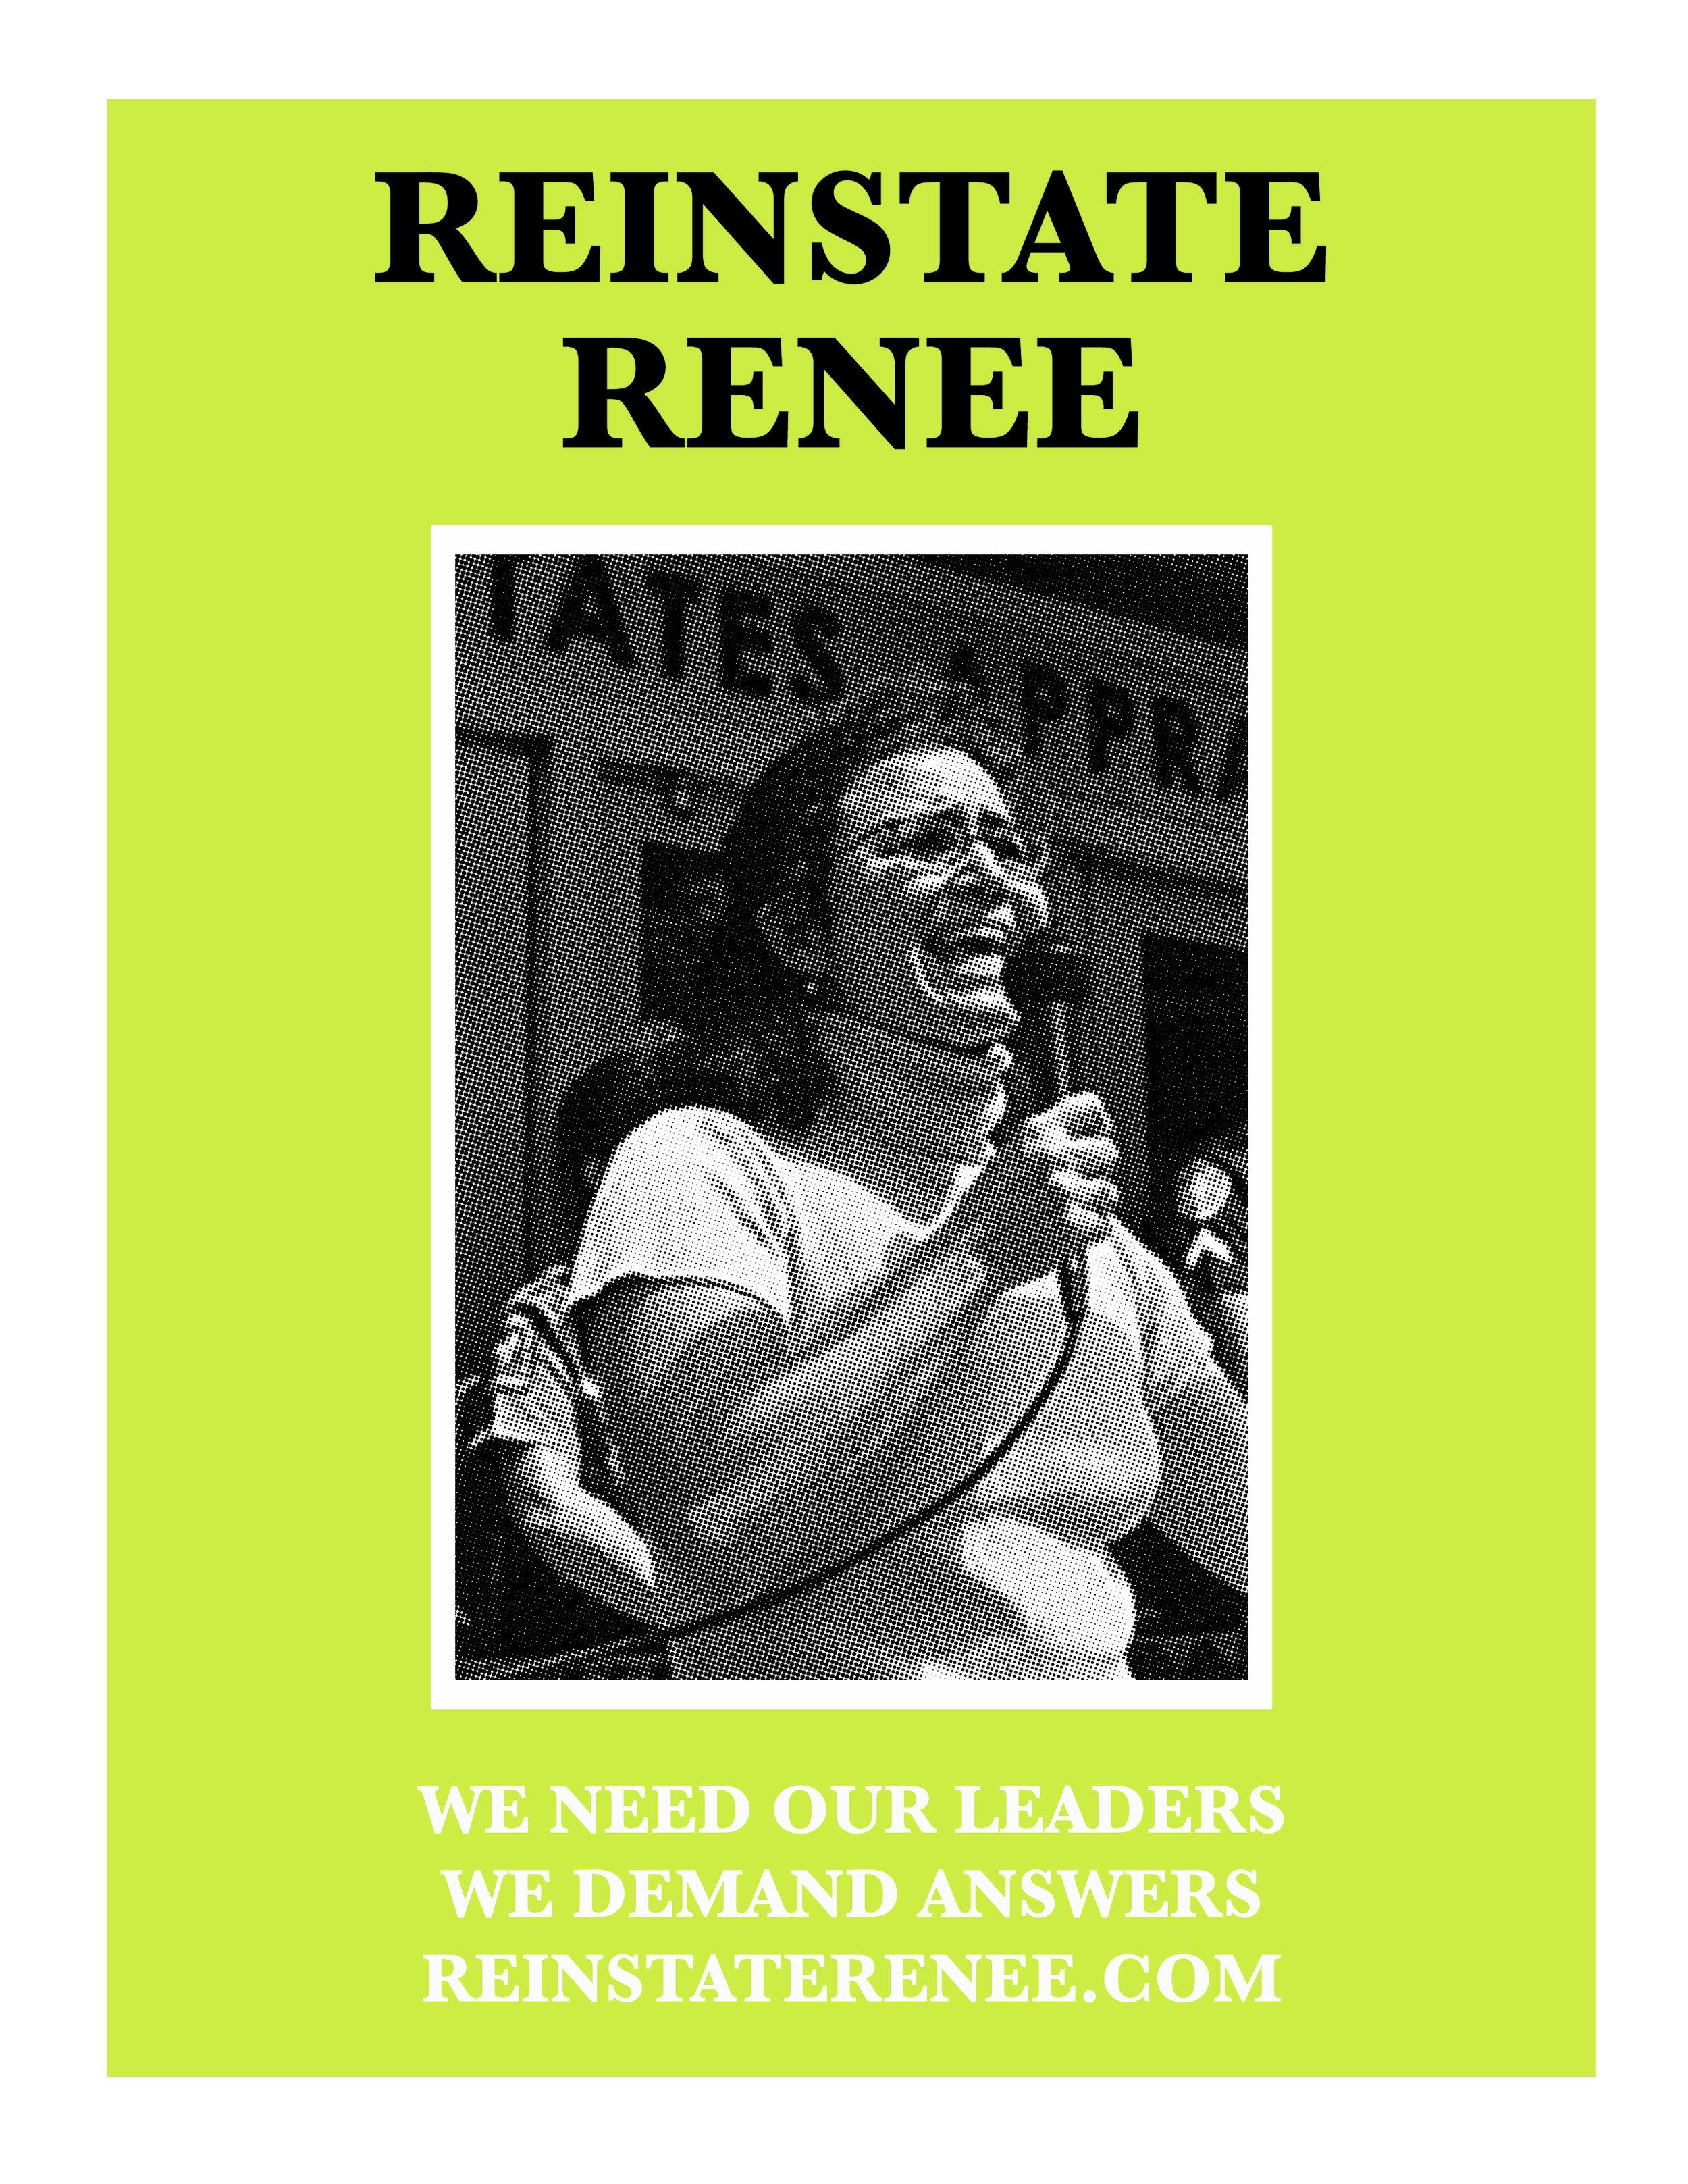 reinstate renee flyer-02.jpg